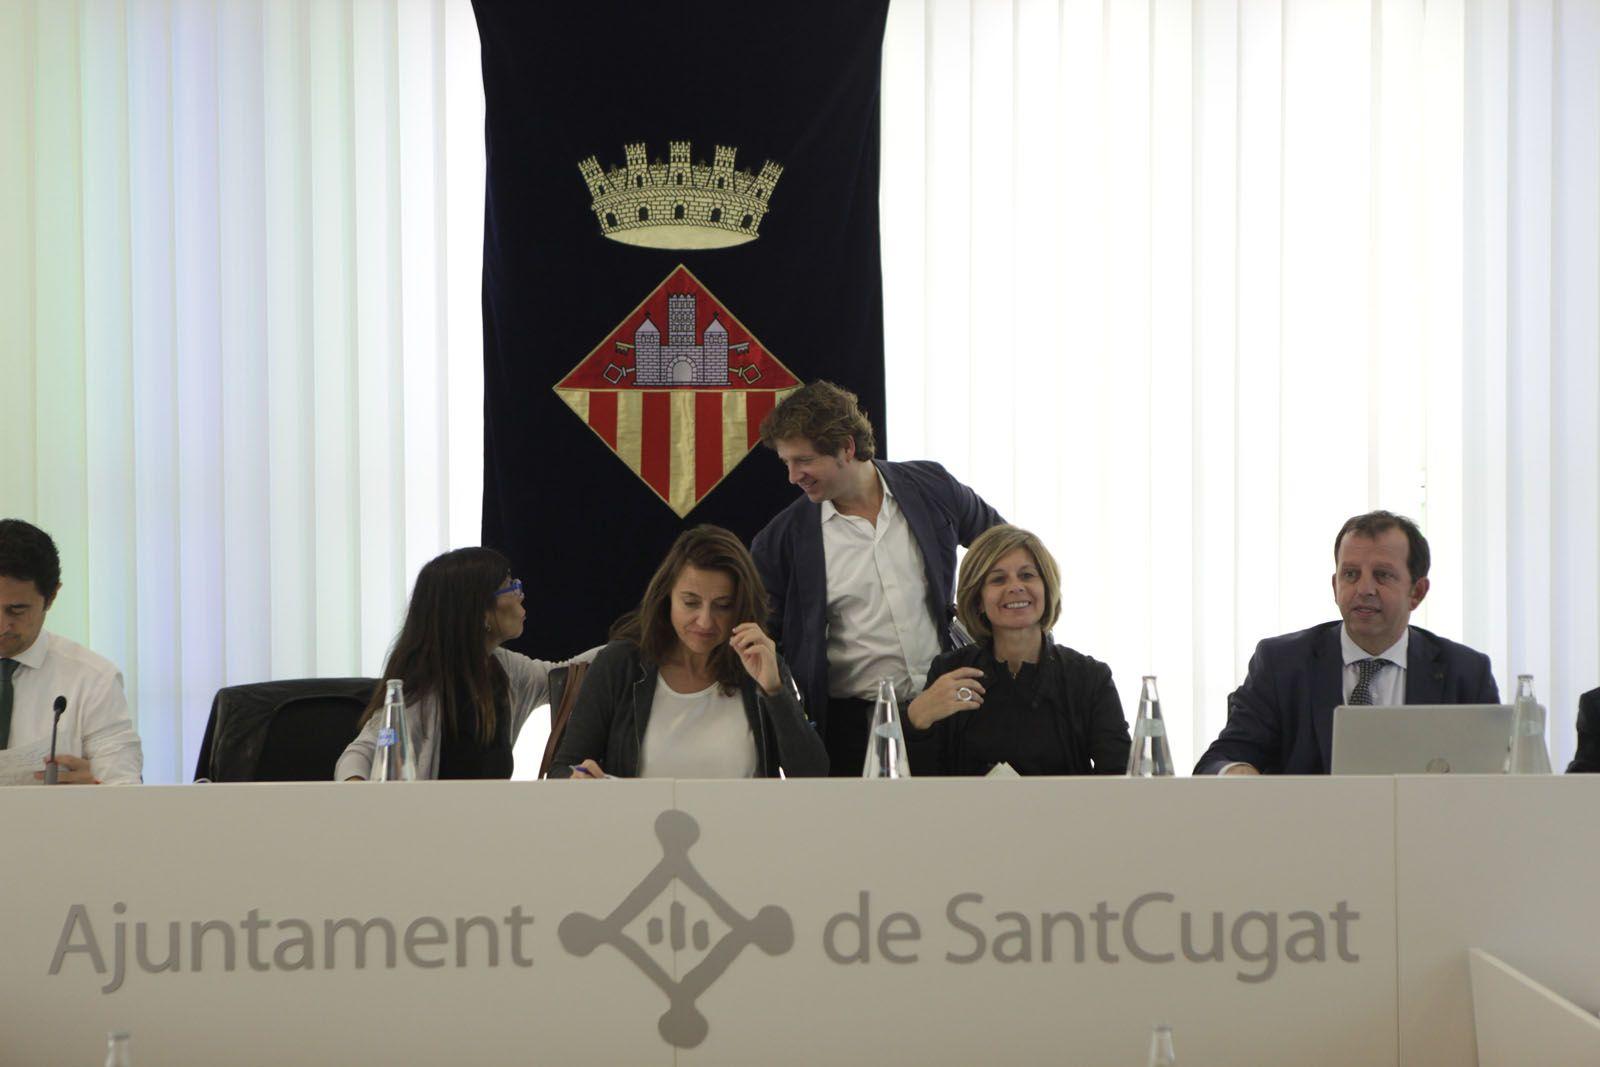 Cristina Paraira, tinent d'alcalde de Serveis Urbans i Presidència, Mercè Conesa, alcaldesssa, i Carmela Fortuny, tinent d'alcalde de Cultura i Promoció de la Ciutat (CIU) comentant amb Pere Soler, portaveu del PSC (PSC). FOTO: Artur Ribera